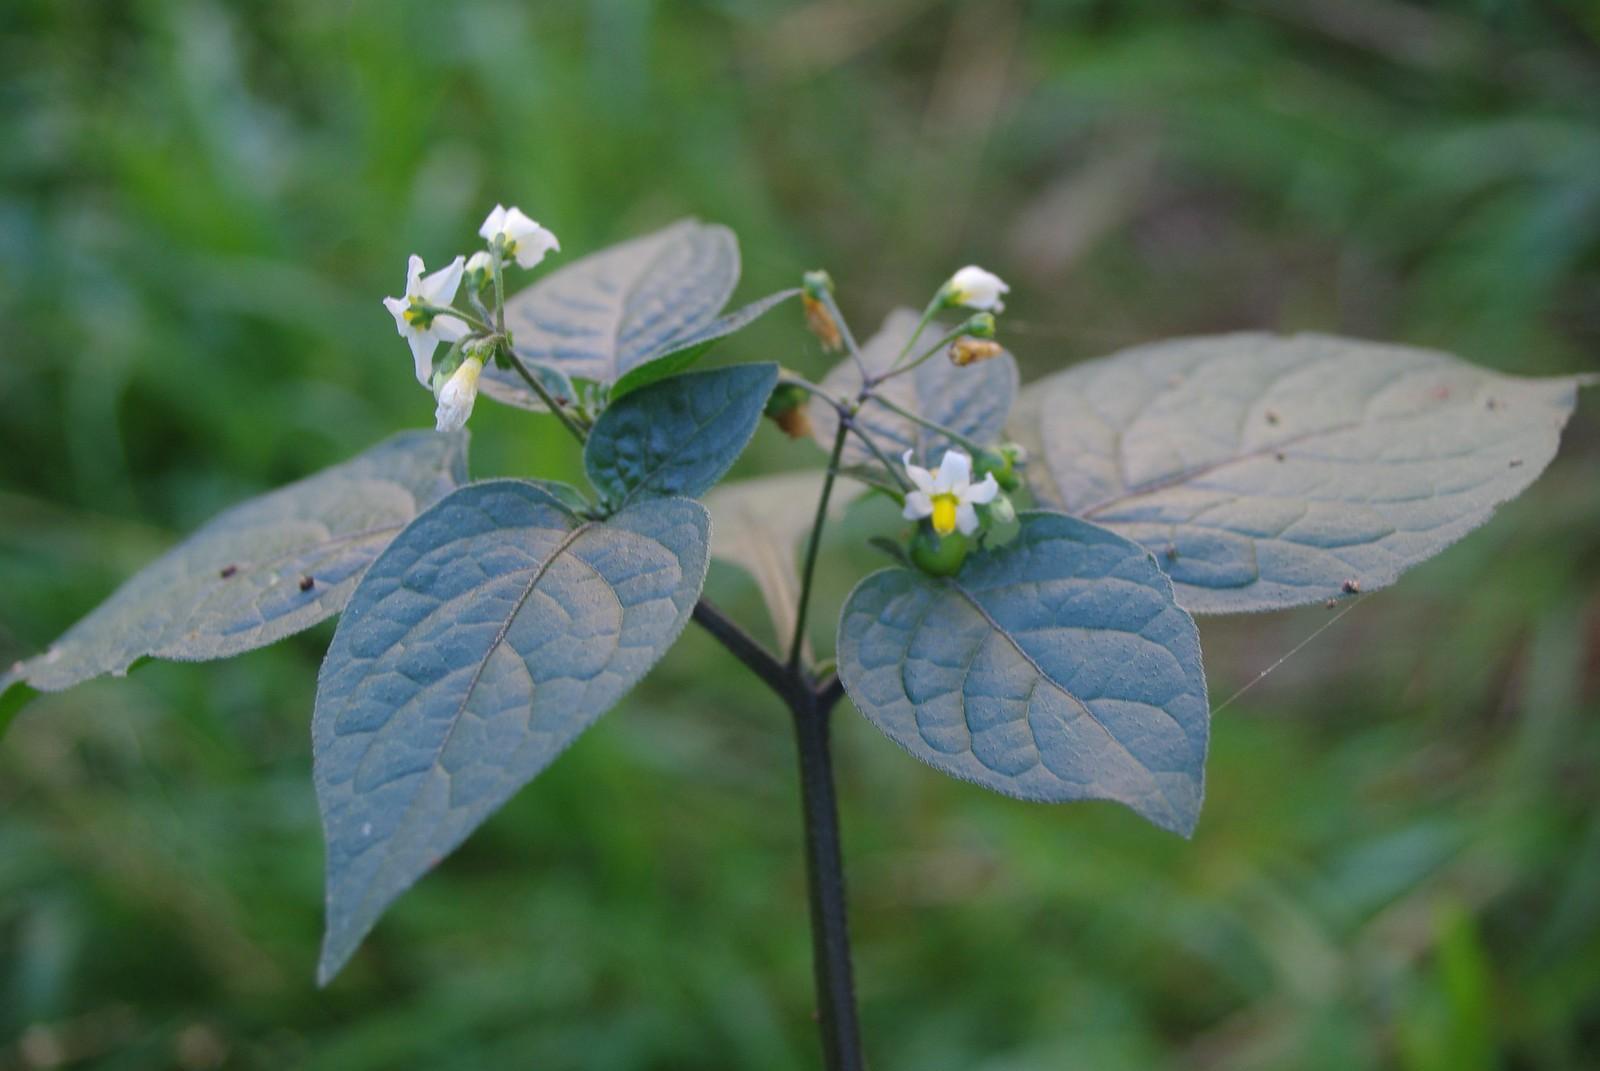 Blackberry nightshade (Solanum nigrum)